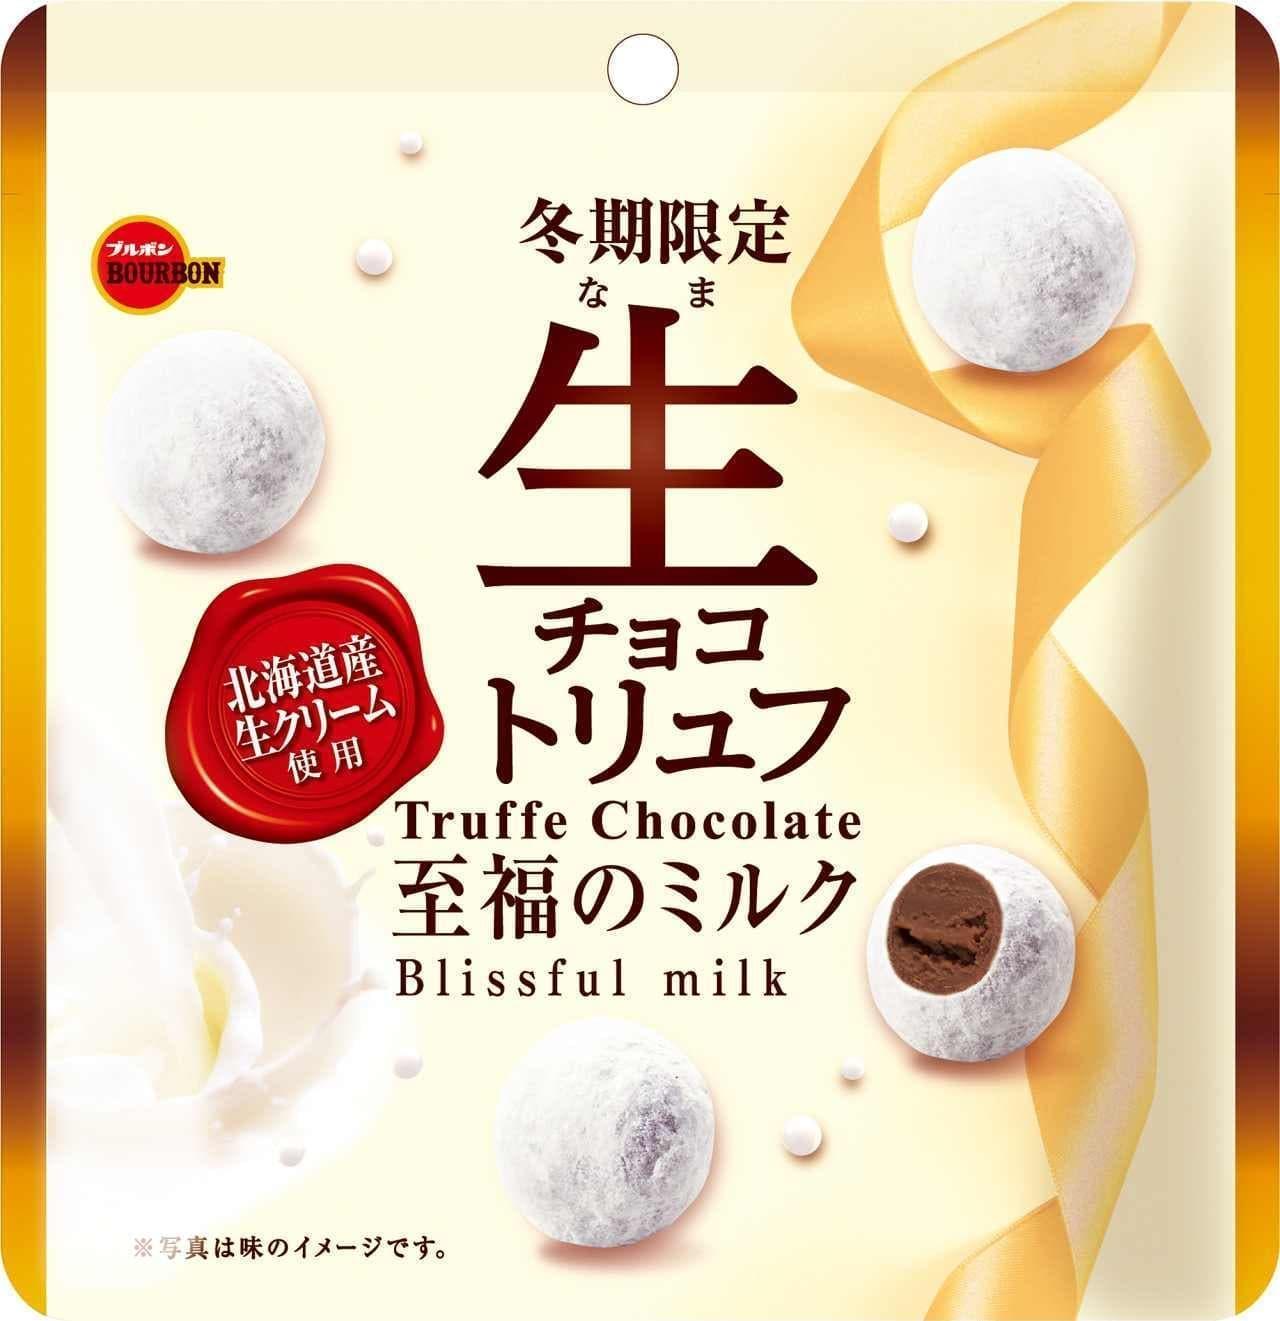 生チョコトリュフ至福のミルク